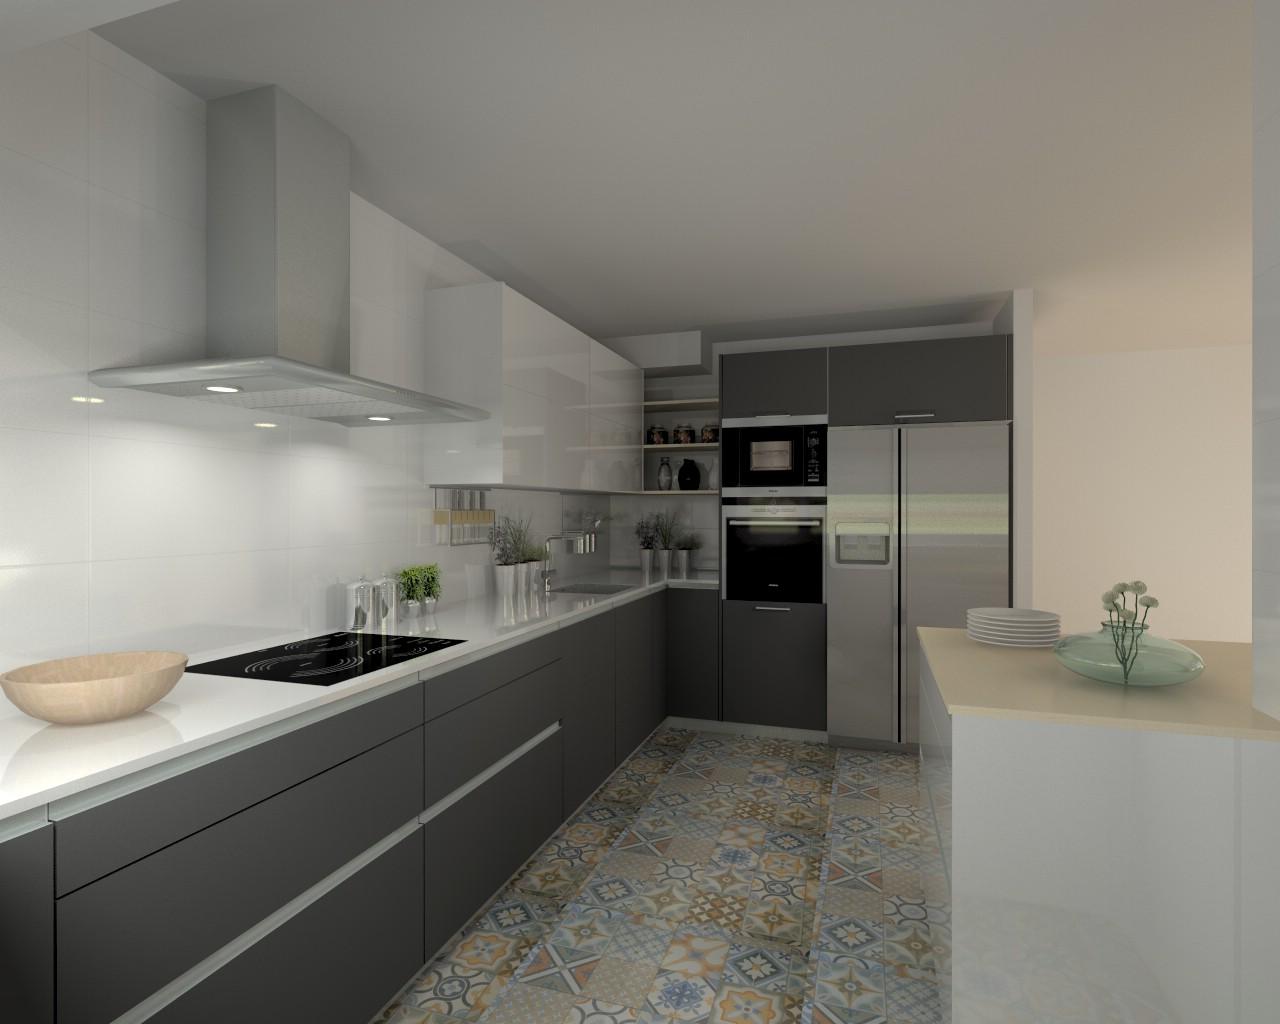 Proyectos de cocinas docrys cocinas for Cocinas modernas en gris y blanco